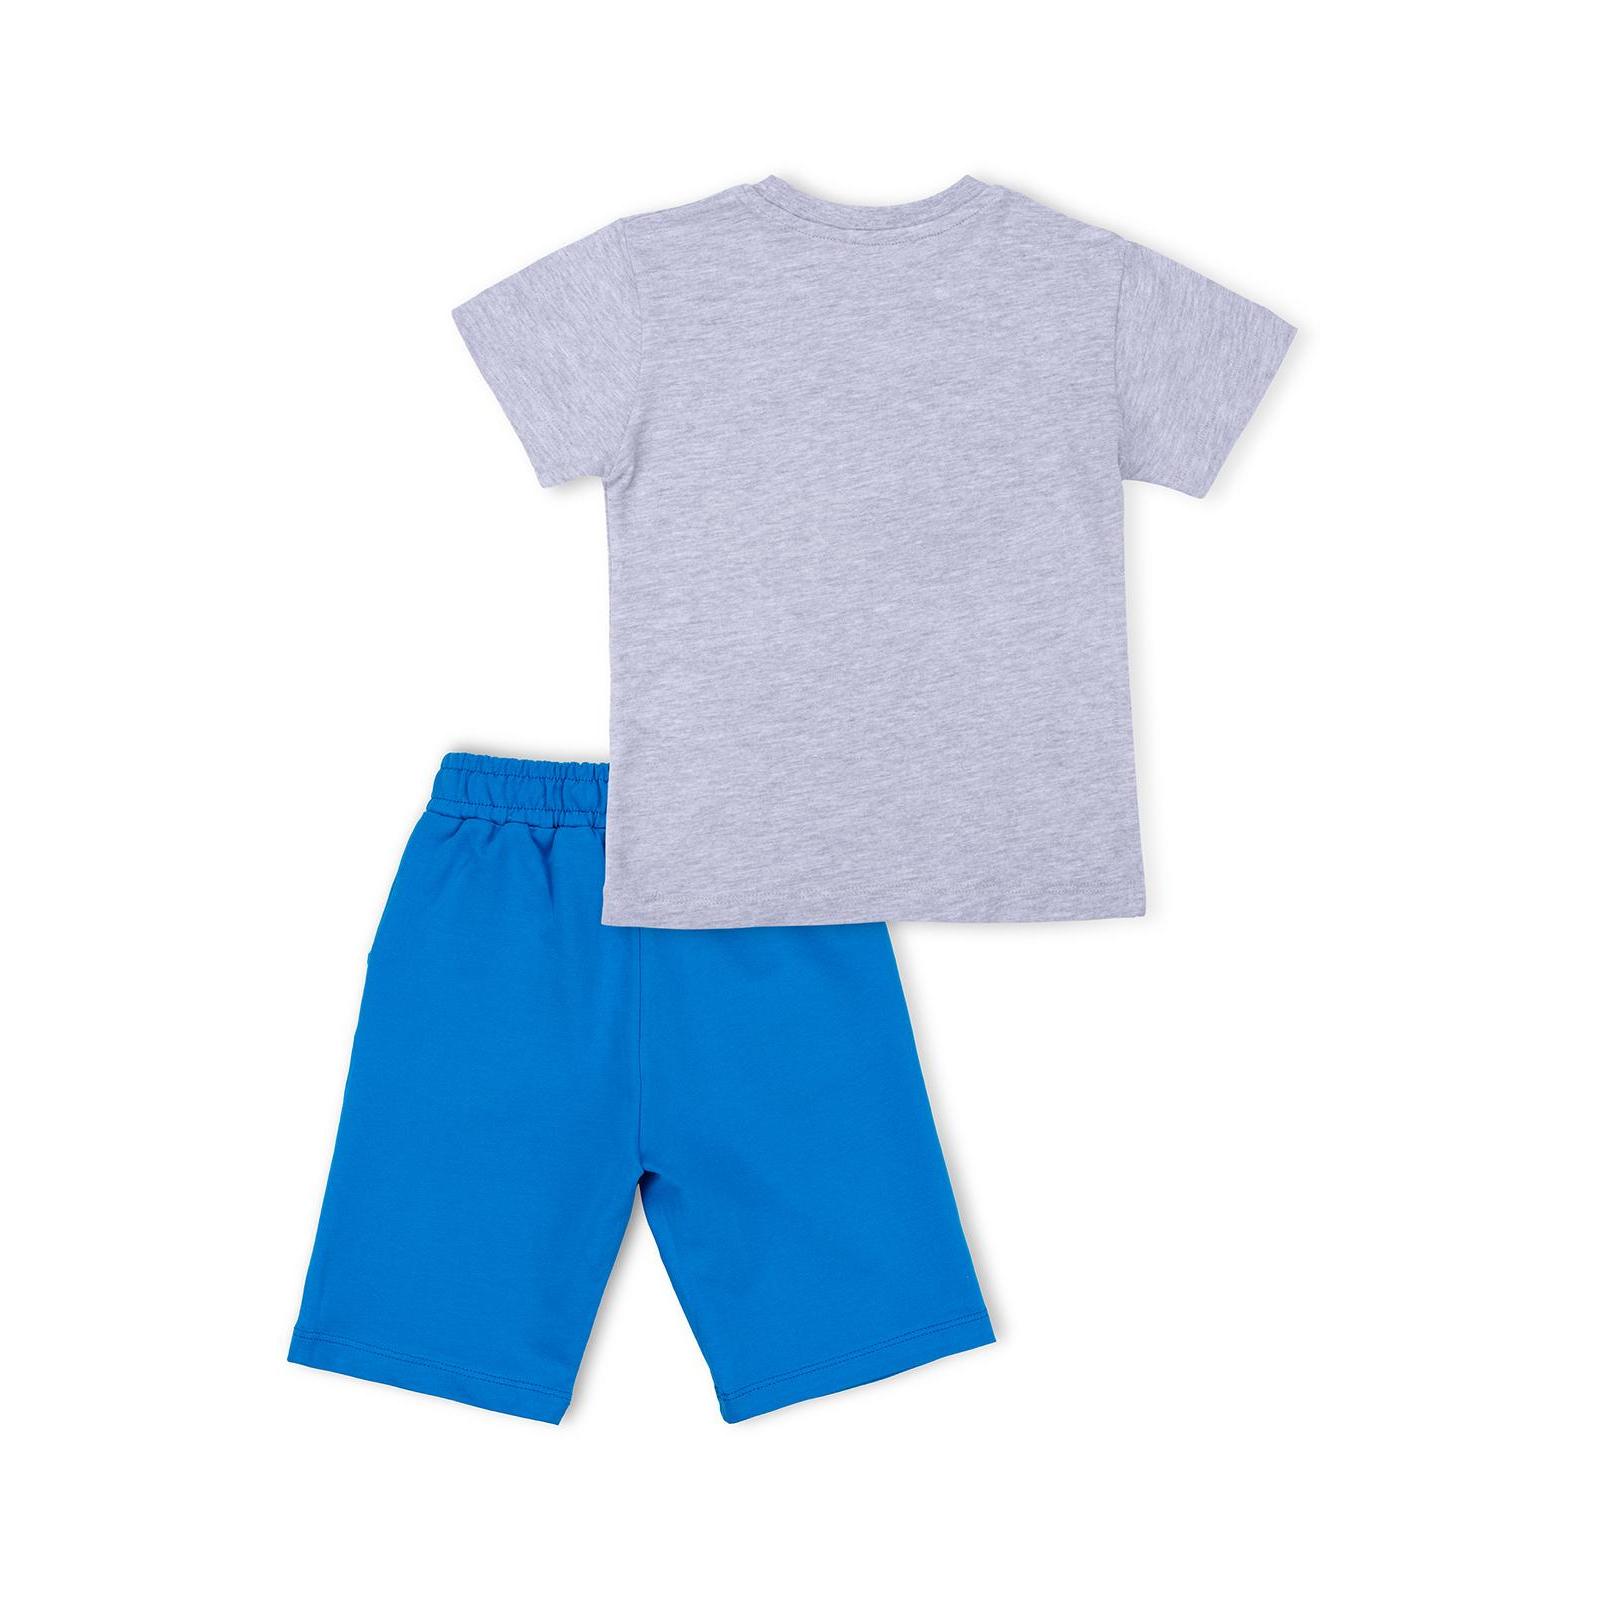 Набор детской одежды Breeze с акулой в очках (10931-110B-beige) изображение 4